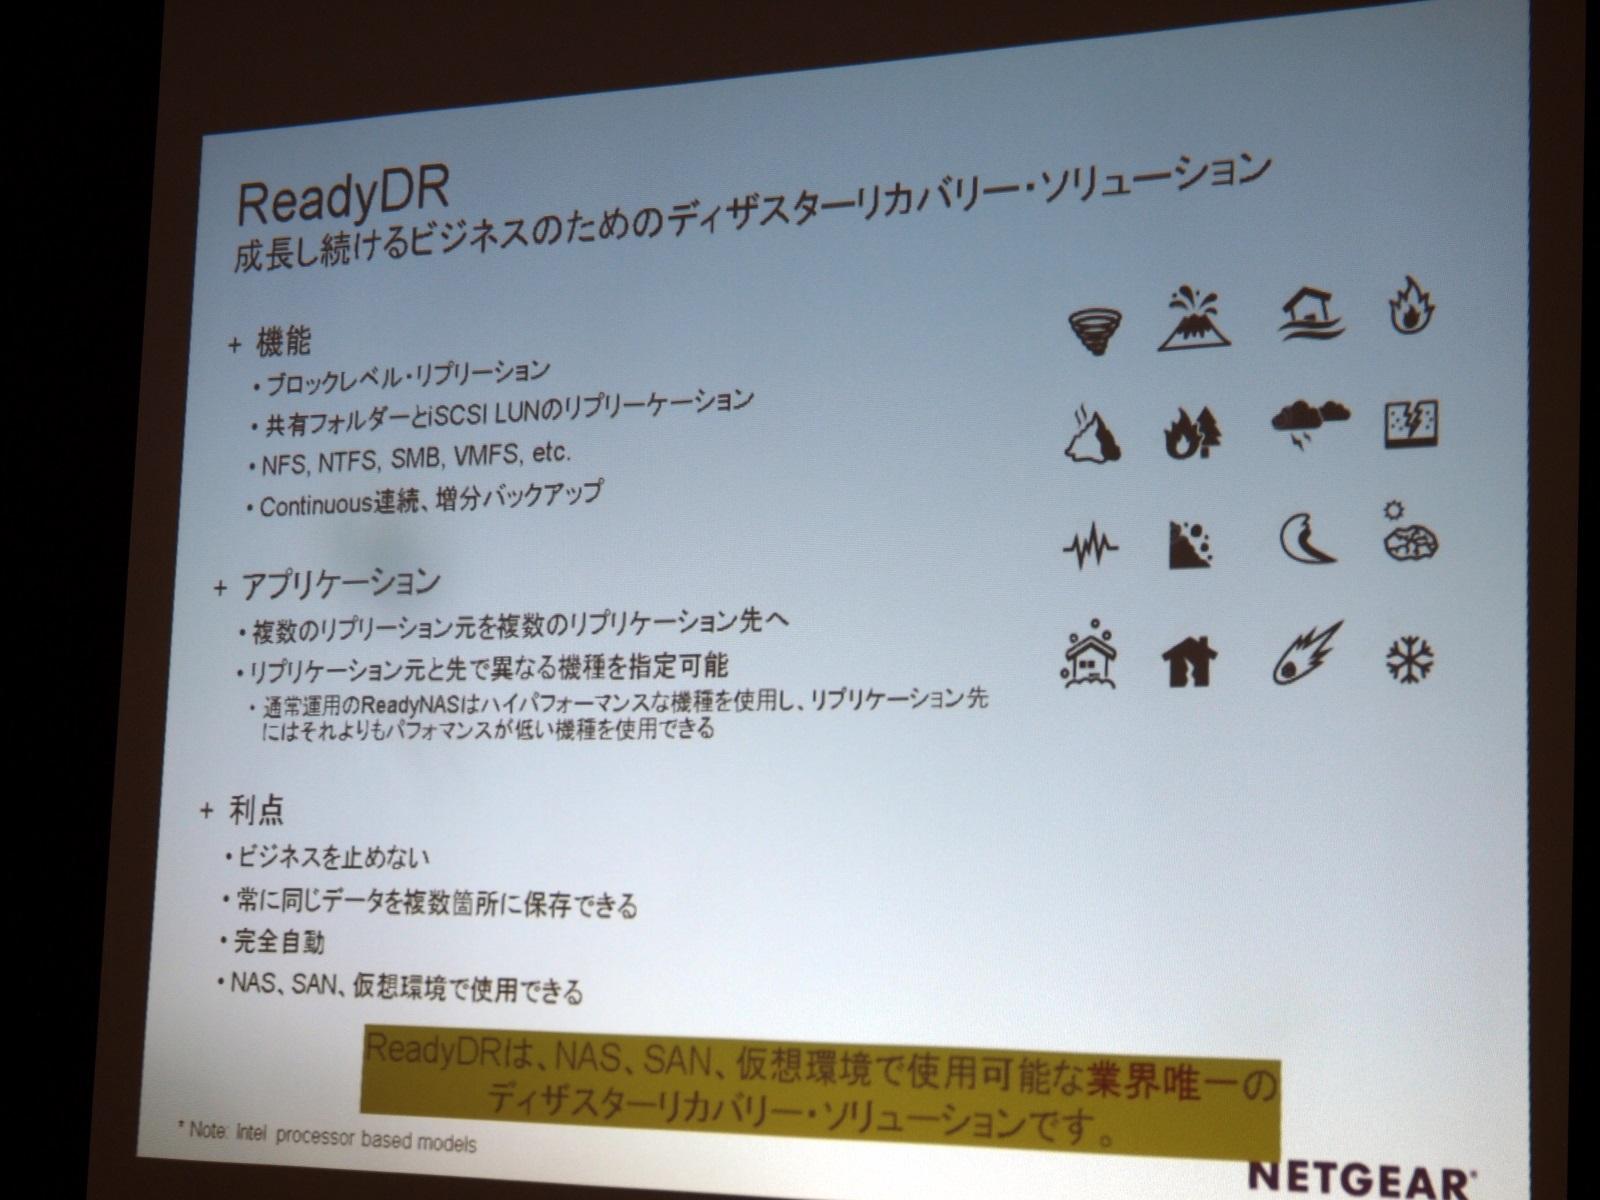 ディザスターリカバリーのためのソリューション「ReadyDR」を近日中に提供